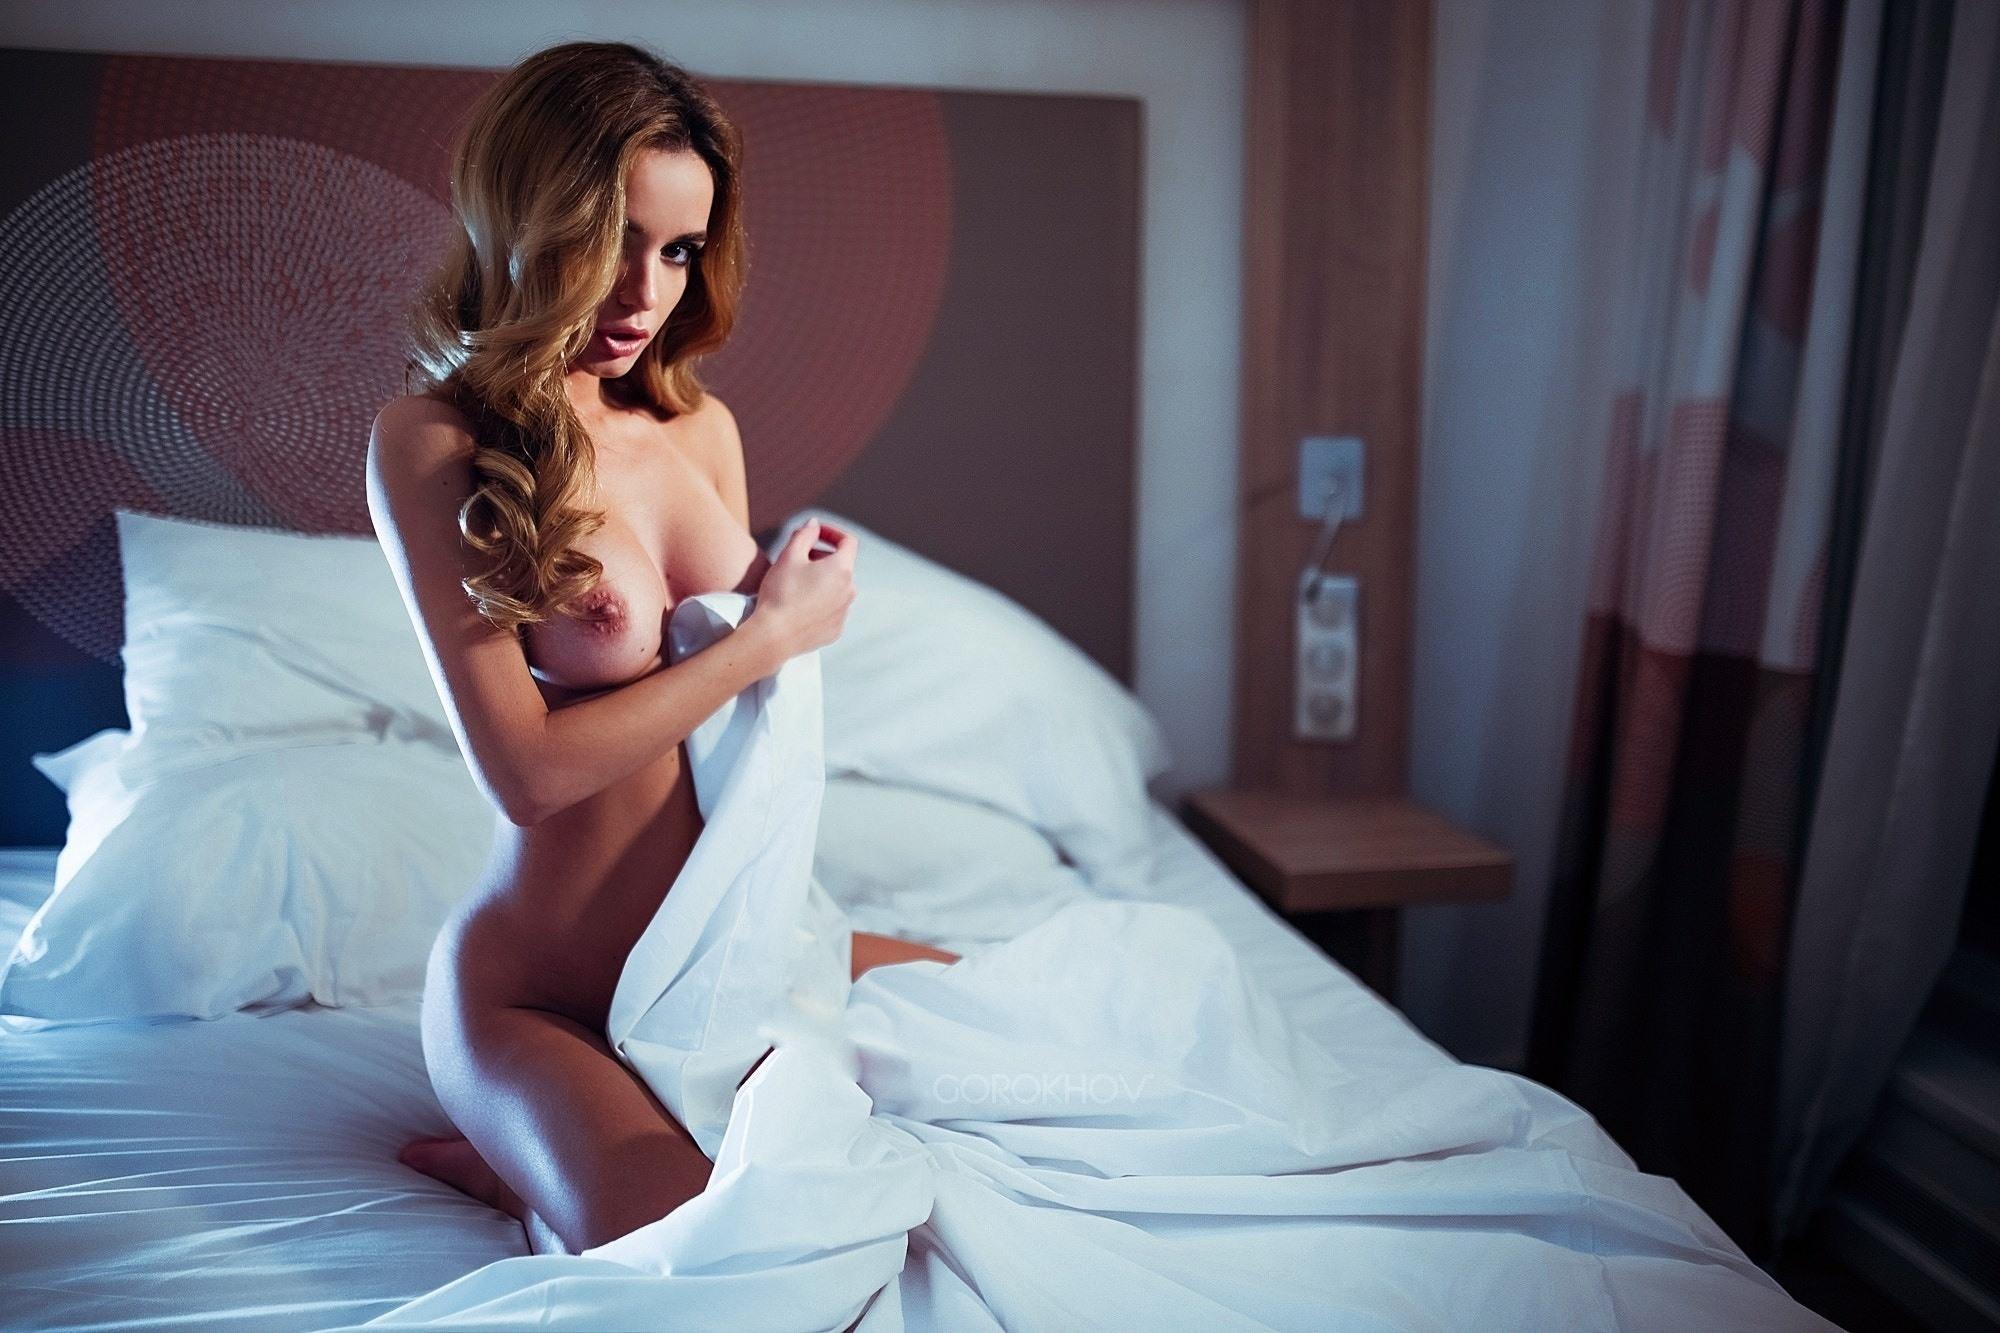 Фото Соблазнительная обнаженная девушка укрывается одеялом в постели на коленях, скачать картинку бесплатно